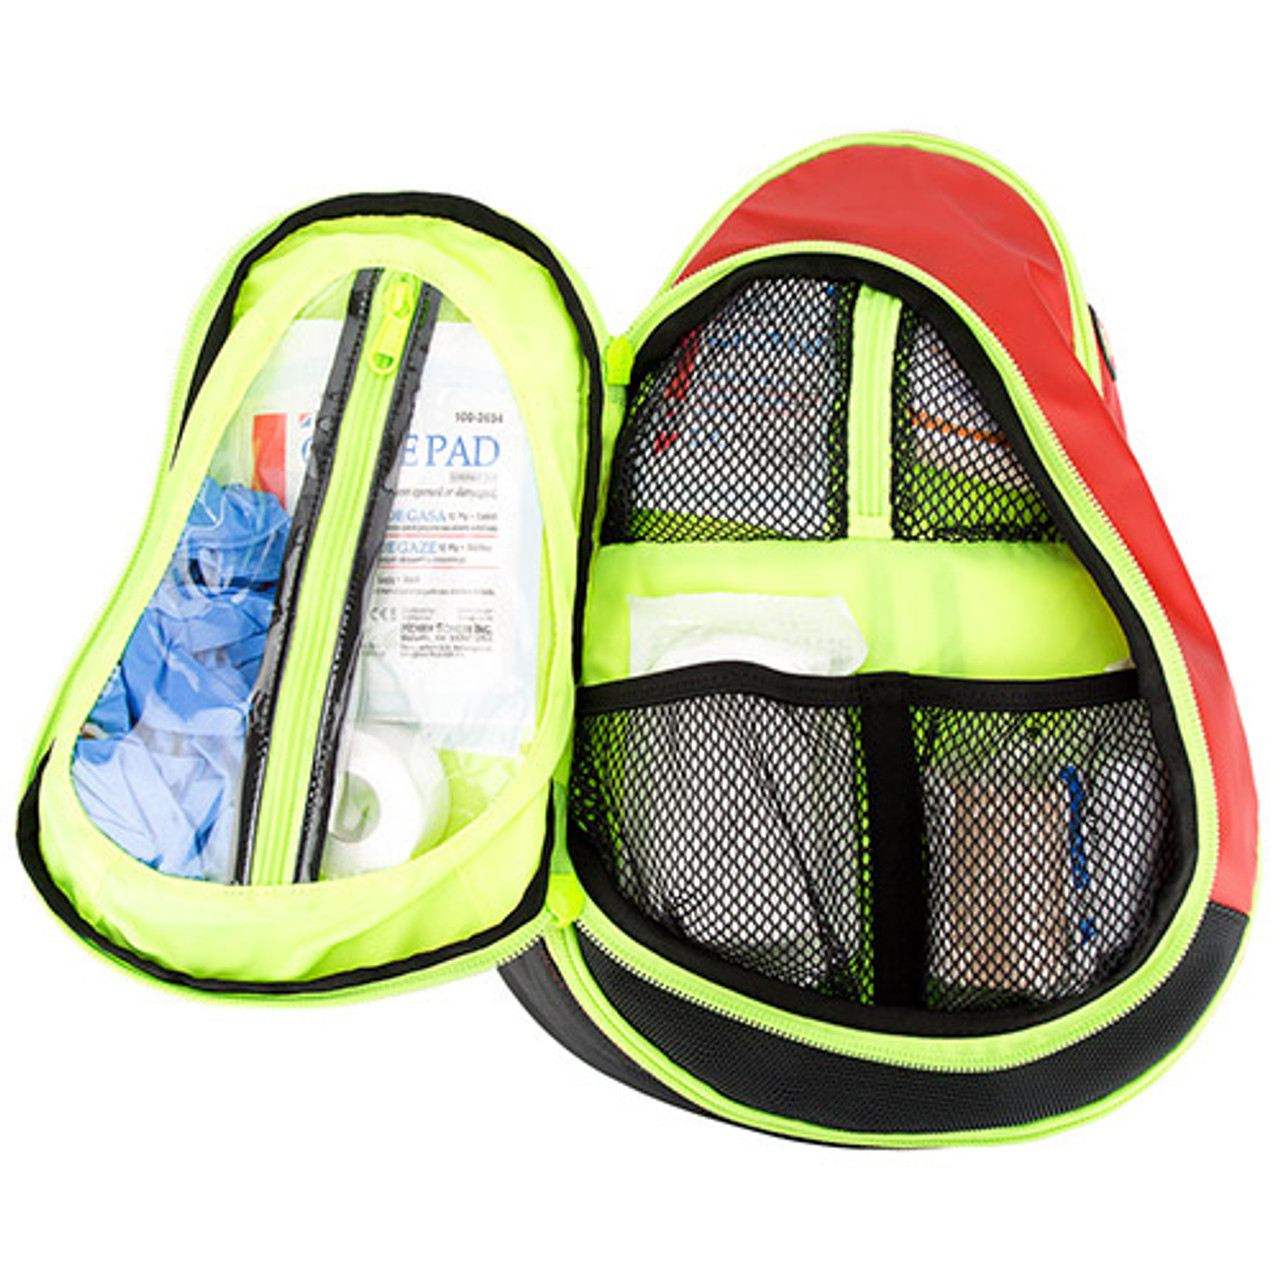 StatPacks G3 Medslinger Quick Access EMT Pack - Blue, Red or Black